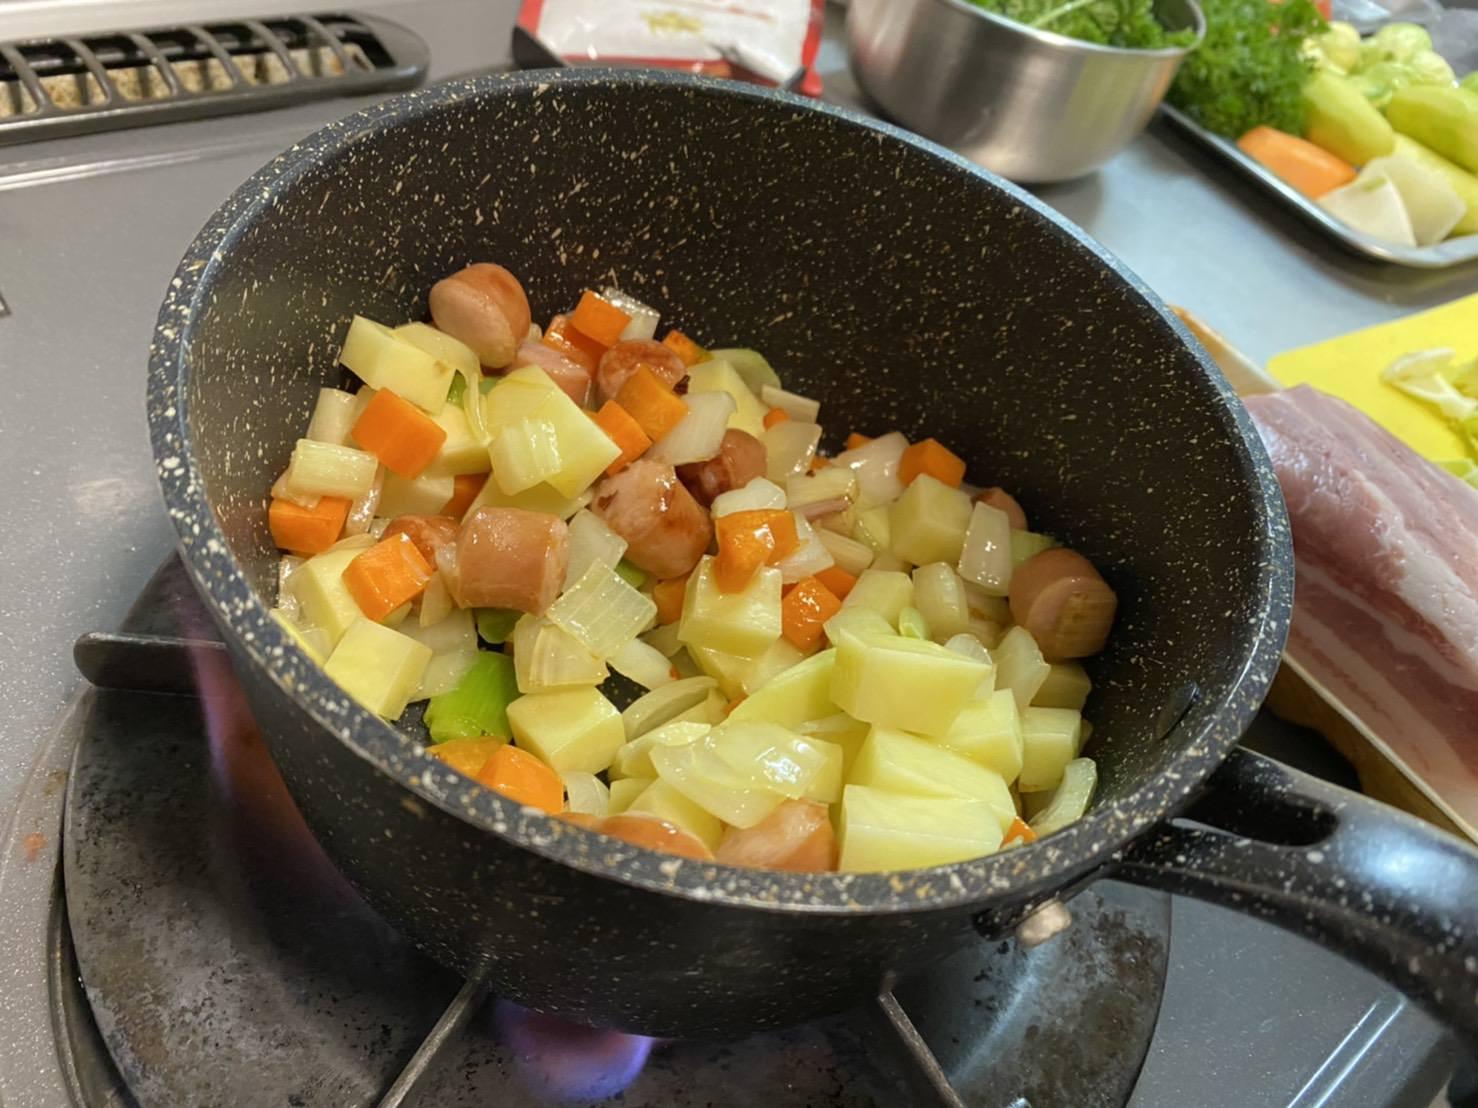 鍋にジャガイモを入れた画像です